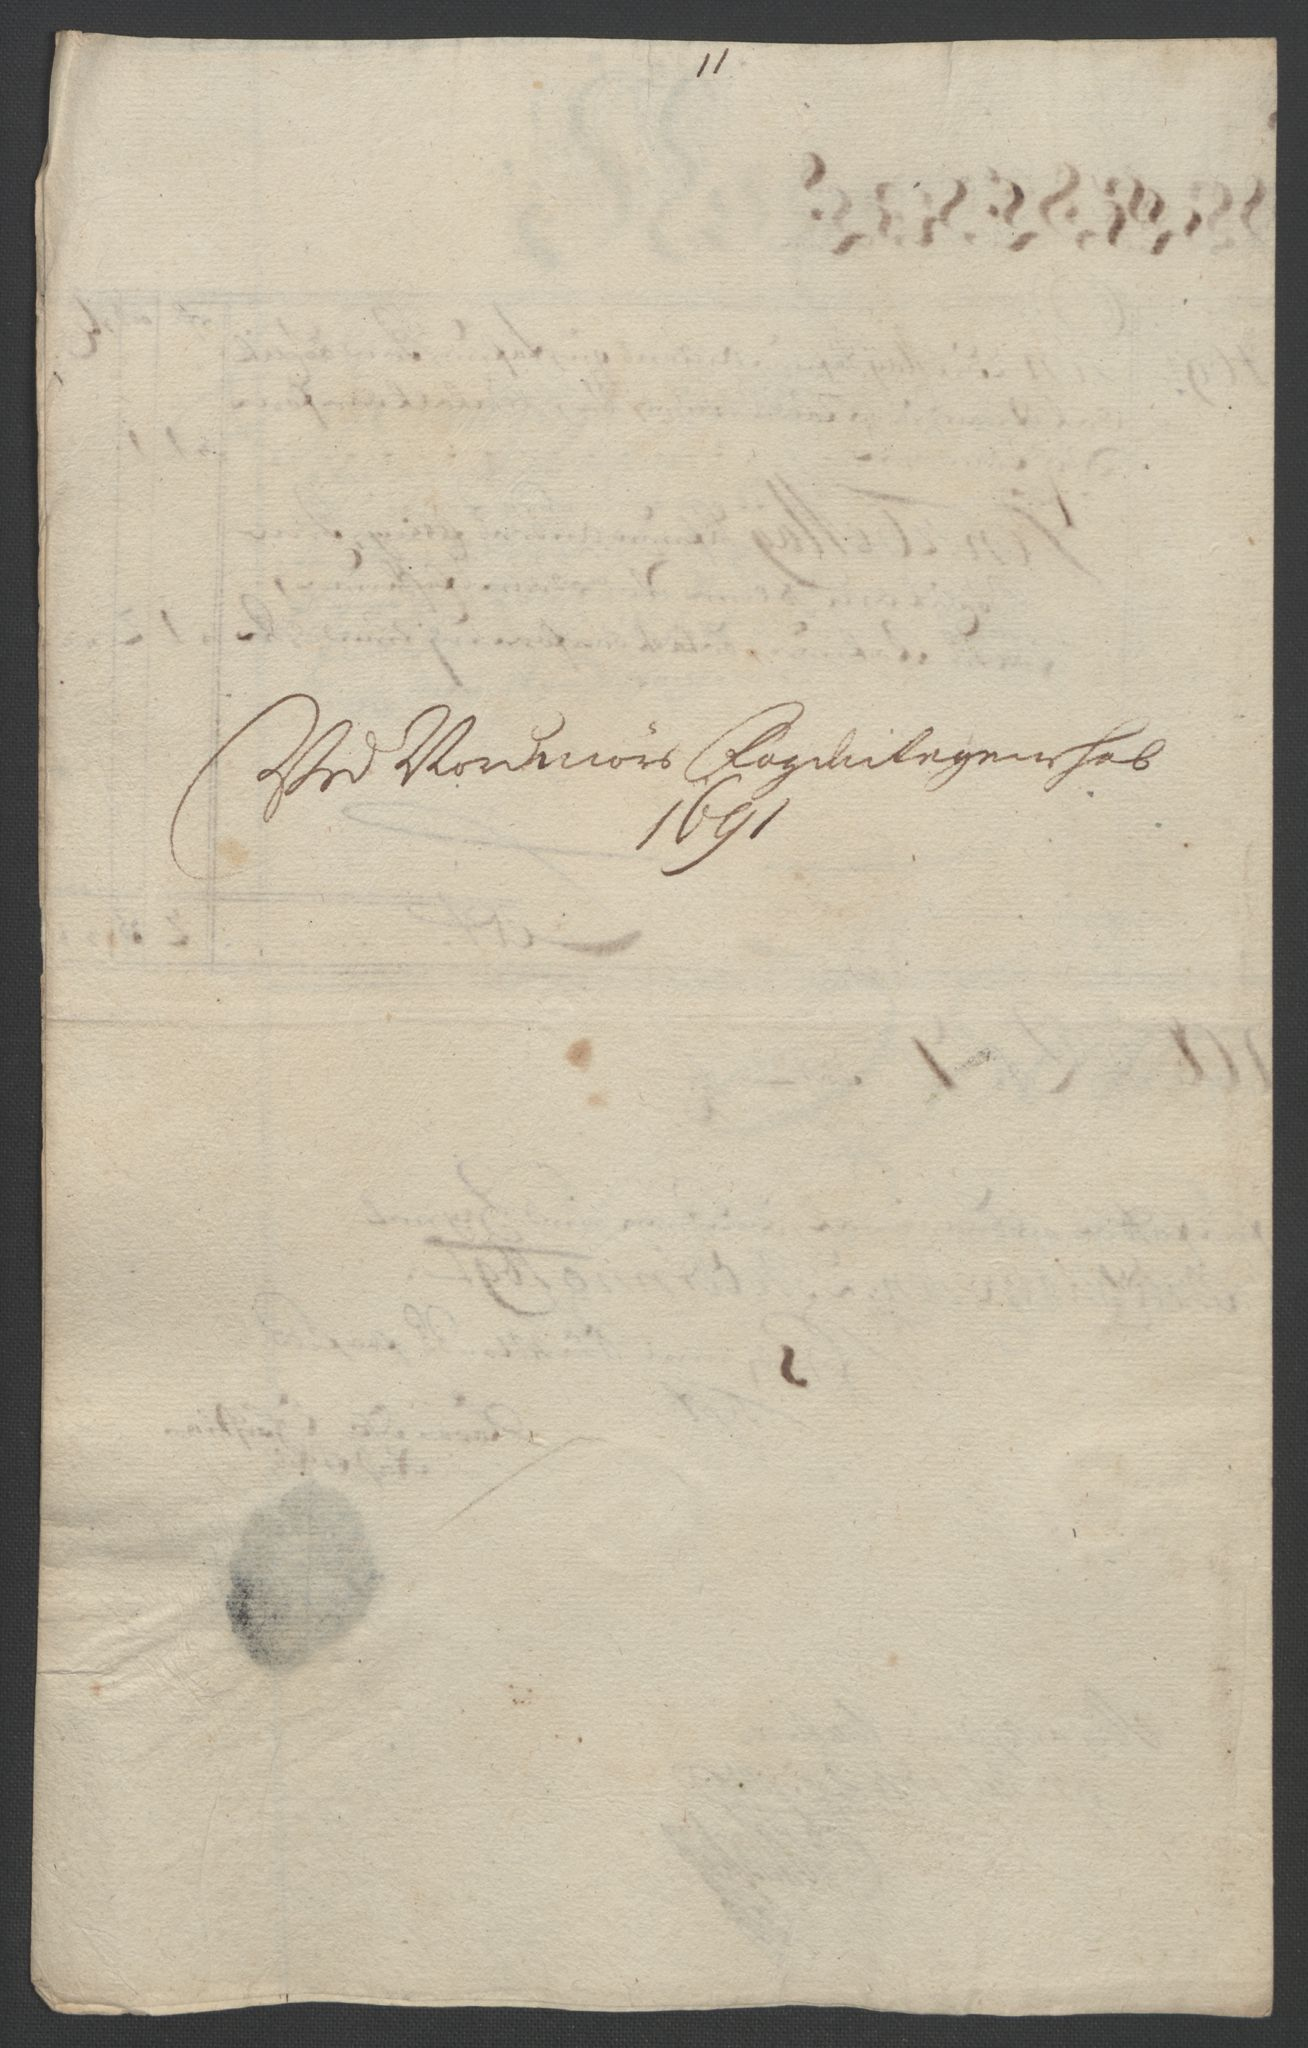 RA, Rentekammeret inntil 1814, Reviderte regnskaper, Fogderegnskap, R56/L3734: Fogderegnskap Nordmøre, 1690-1691, s. 391